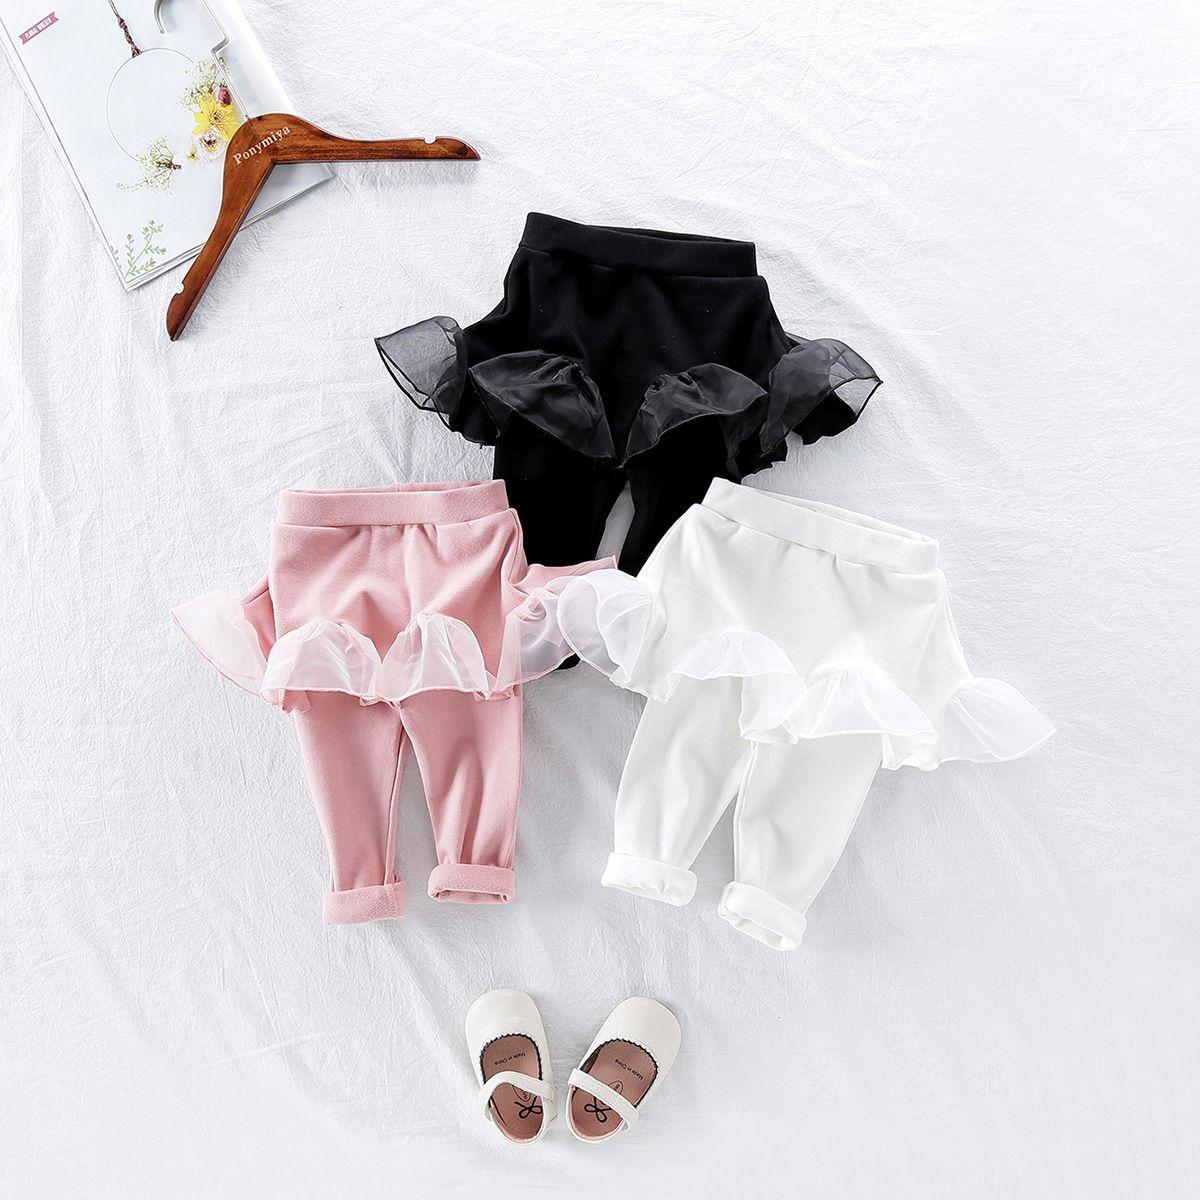 3d8abf7ba1331 Acheter Legging Fille Jupe Pantalon Cake Mesh Jupes Bébé Fille Printemps  Automne Leggings Pantalon Enfant Fille Bottes Pour 1 5 Ans Enfants De   34.21 Du ...